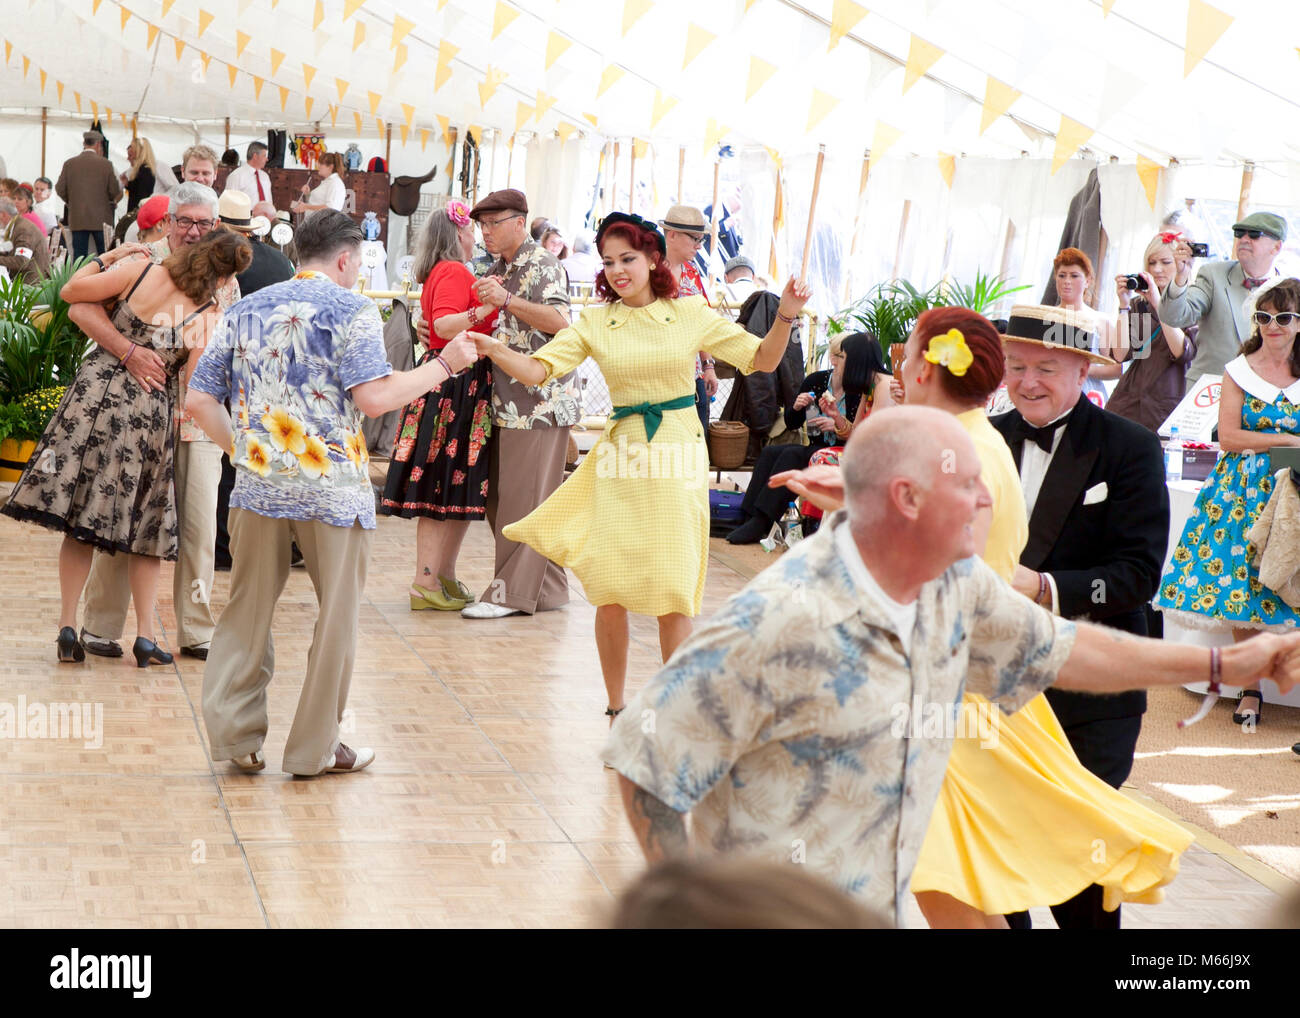 1950 Tanz auf dem Goodwood Revival mit Vintage Kleidung bunte Hemden und Kleider Stockbild